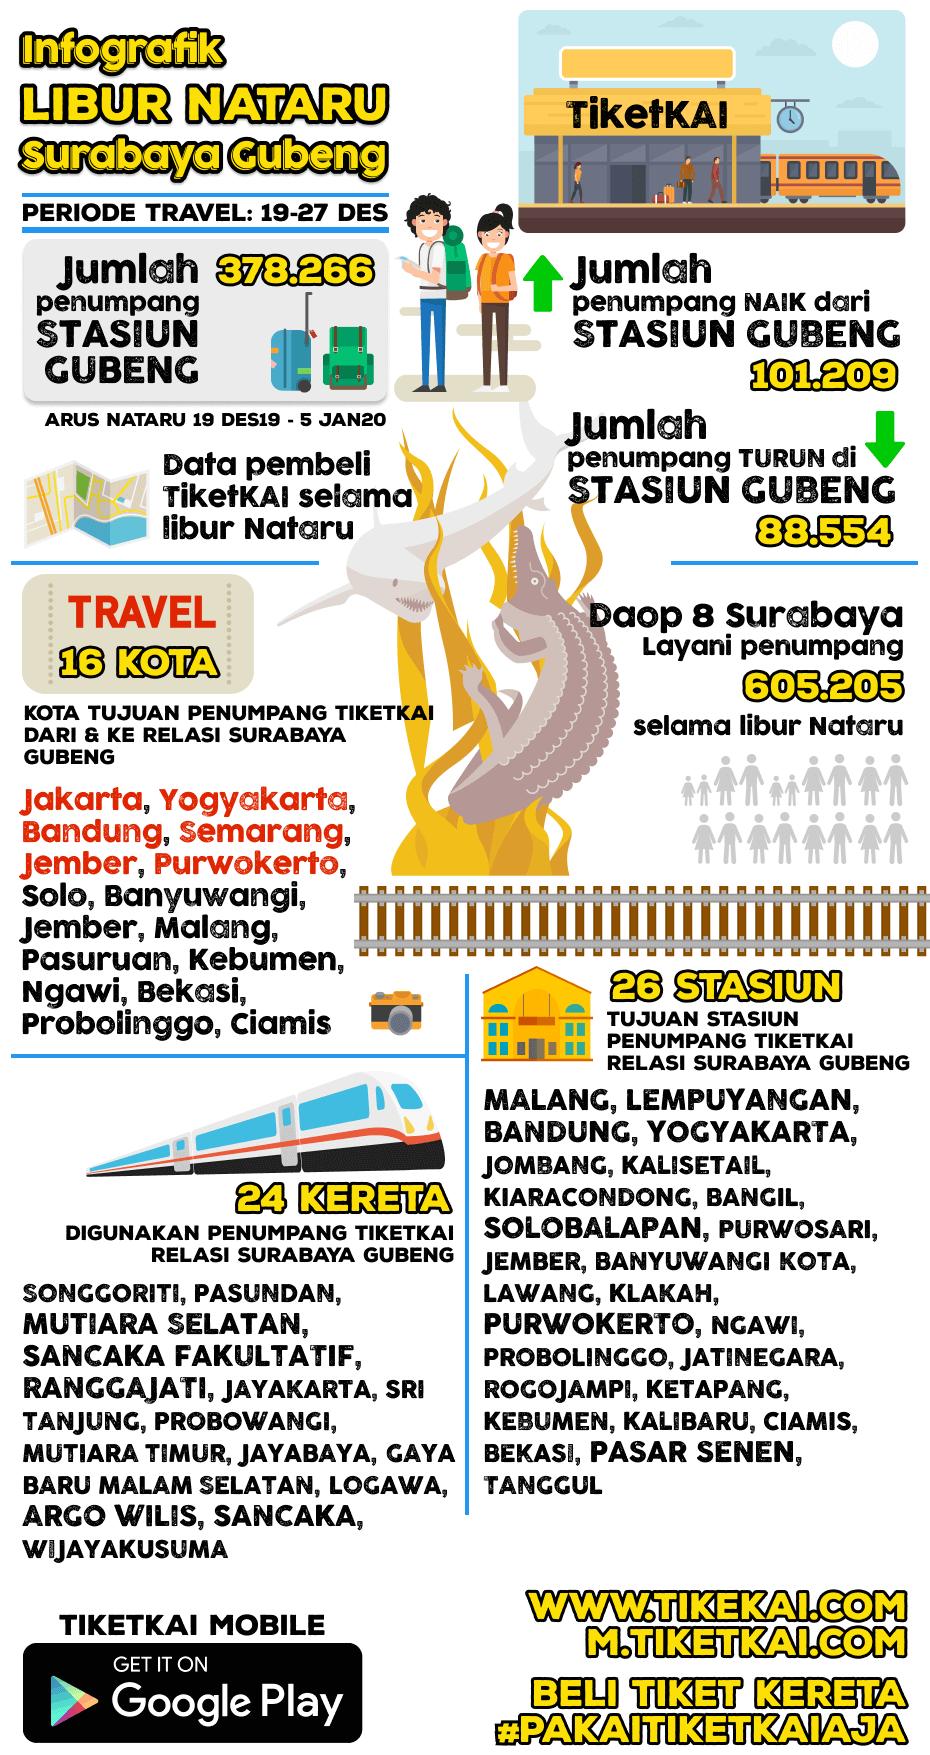 Libur Nataru